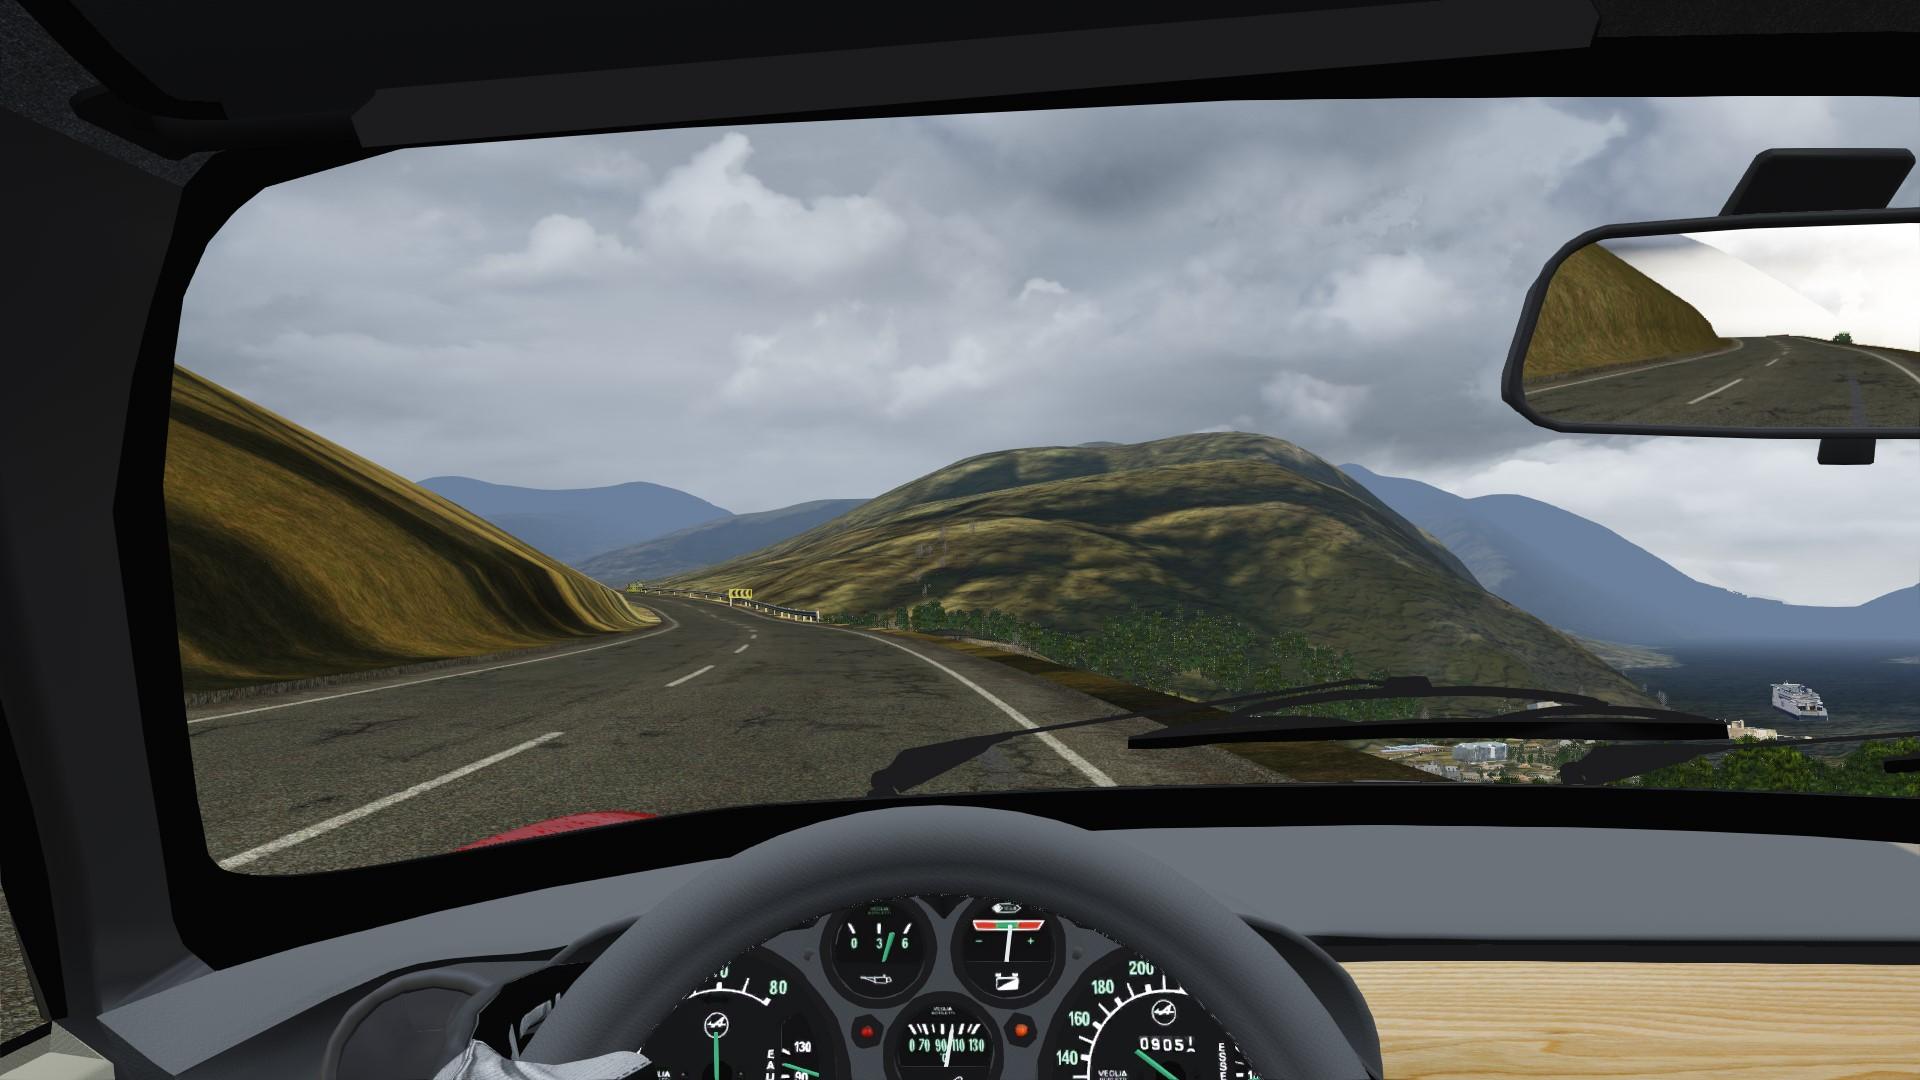 Screenshot_alpine_a110_glencoe_6-9-119-21-31-47.jpg